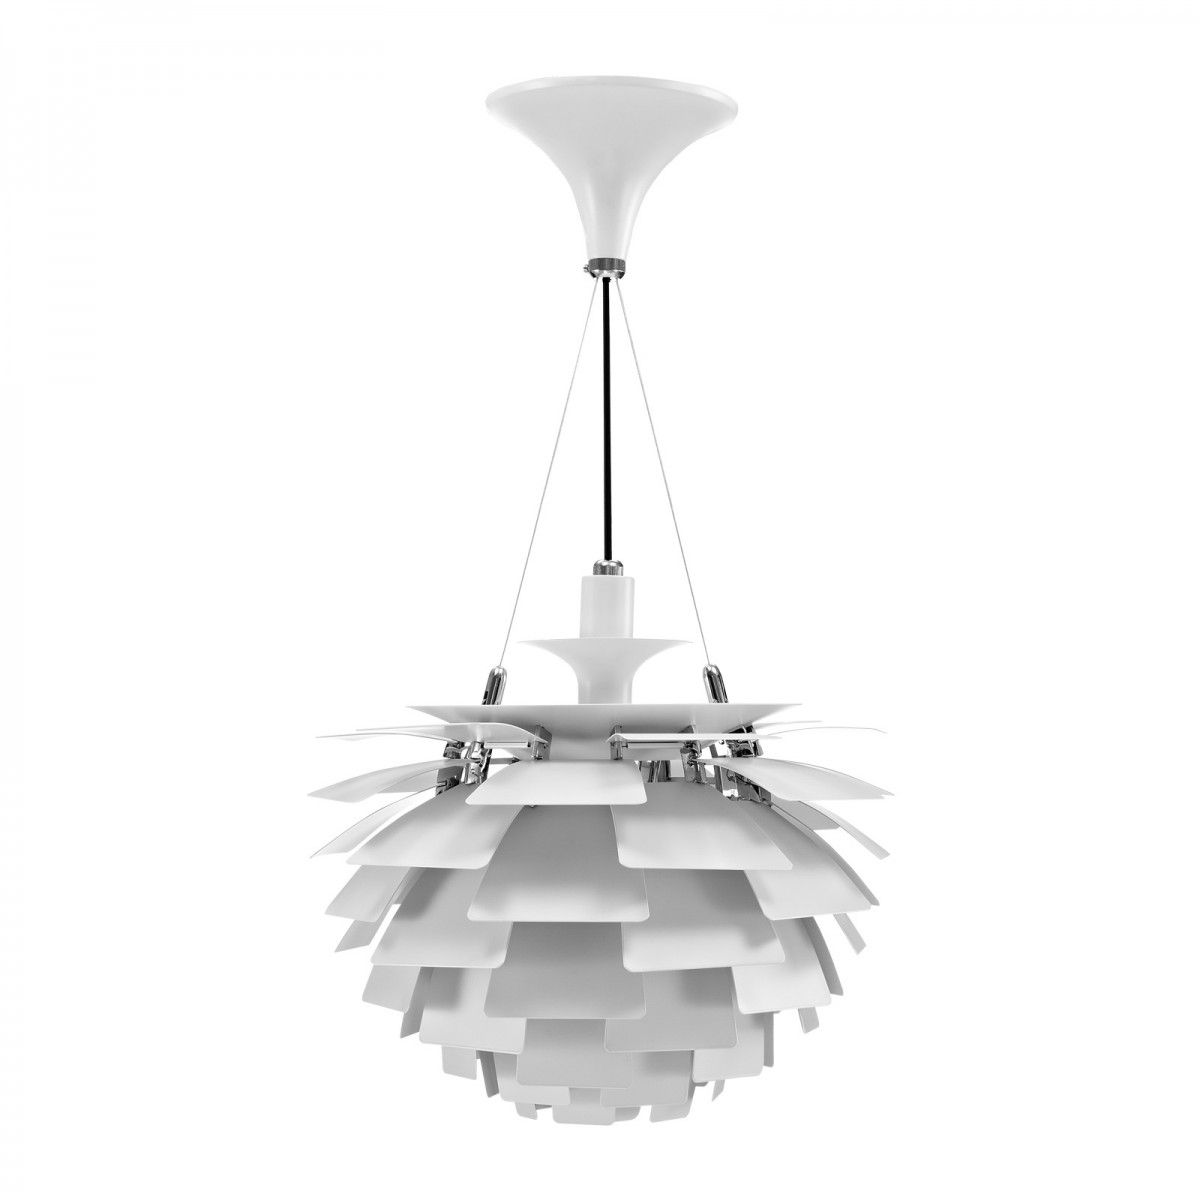 The Artichoke Poul Henningsen Designer Lamps Voga Lamp Lamp